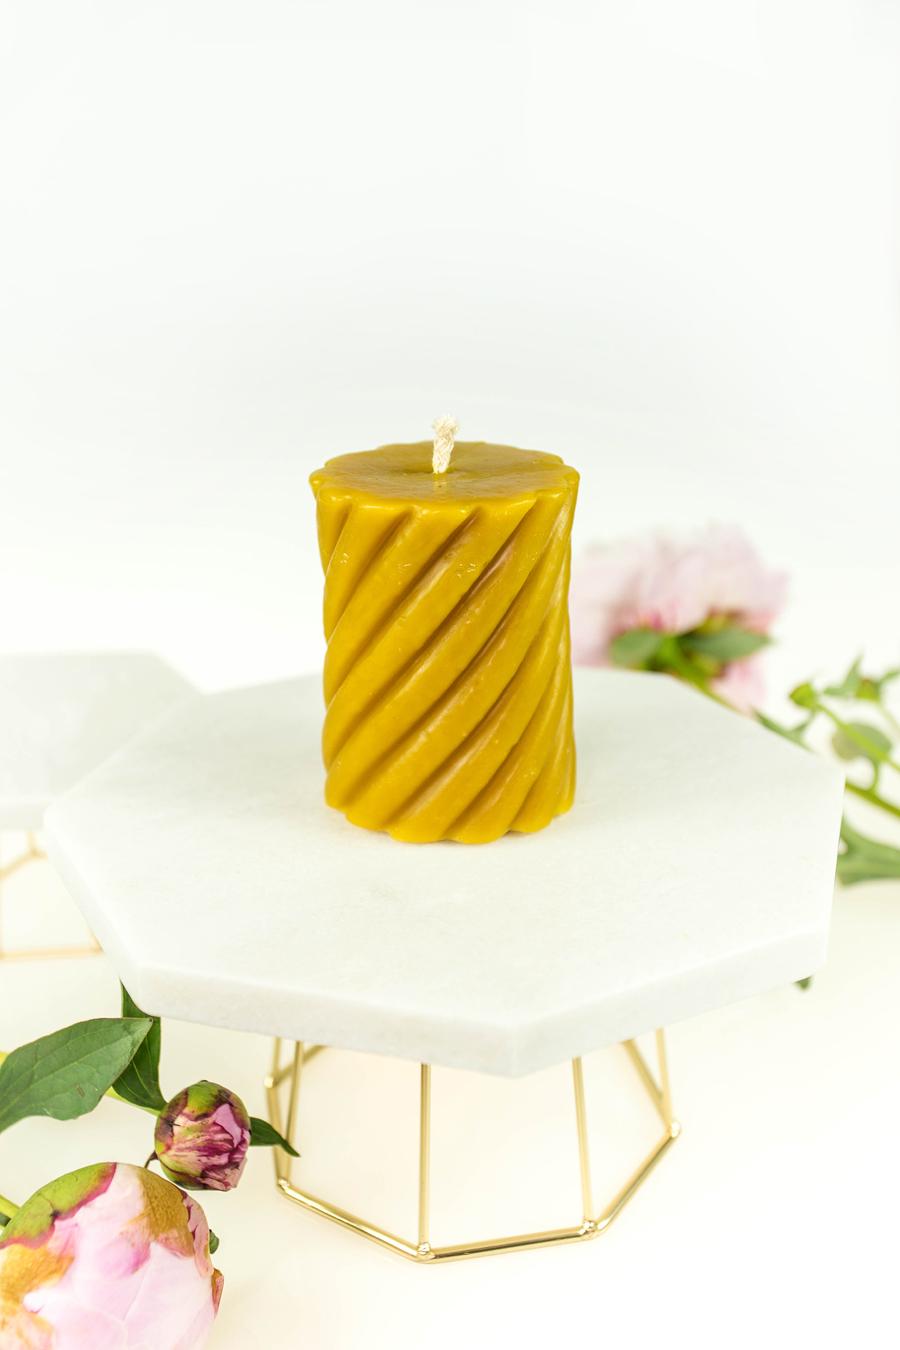 świeca z wosku pszczelego walec spiralny